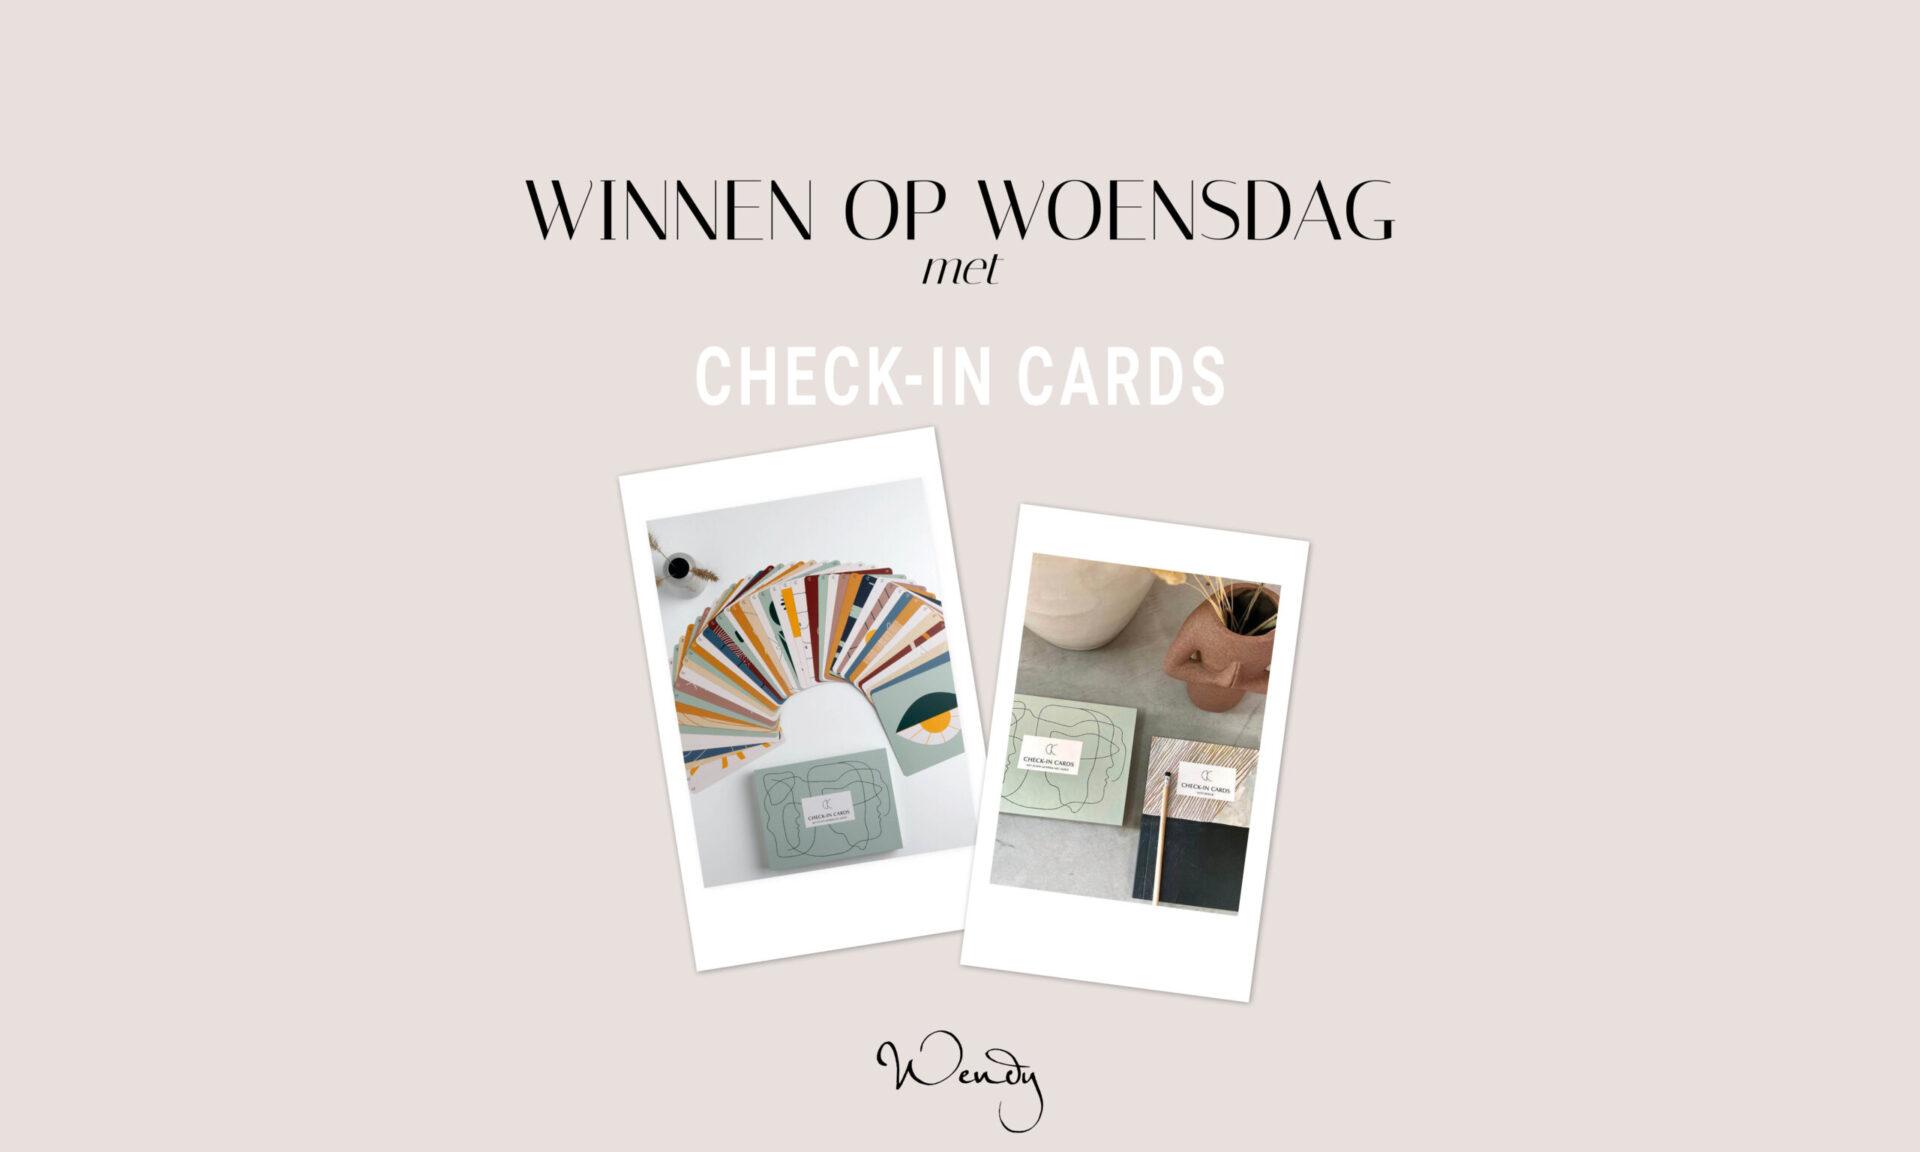 winnen op woensdag check in scaled Winnen op woensdag: win een notebook en kaartenset van Check-in Cards!